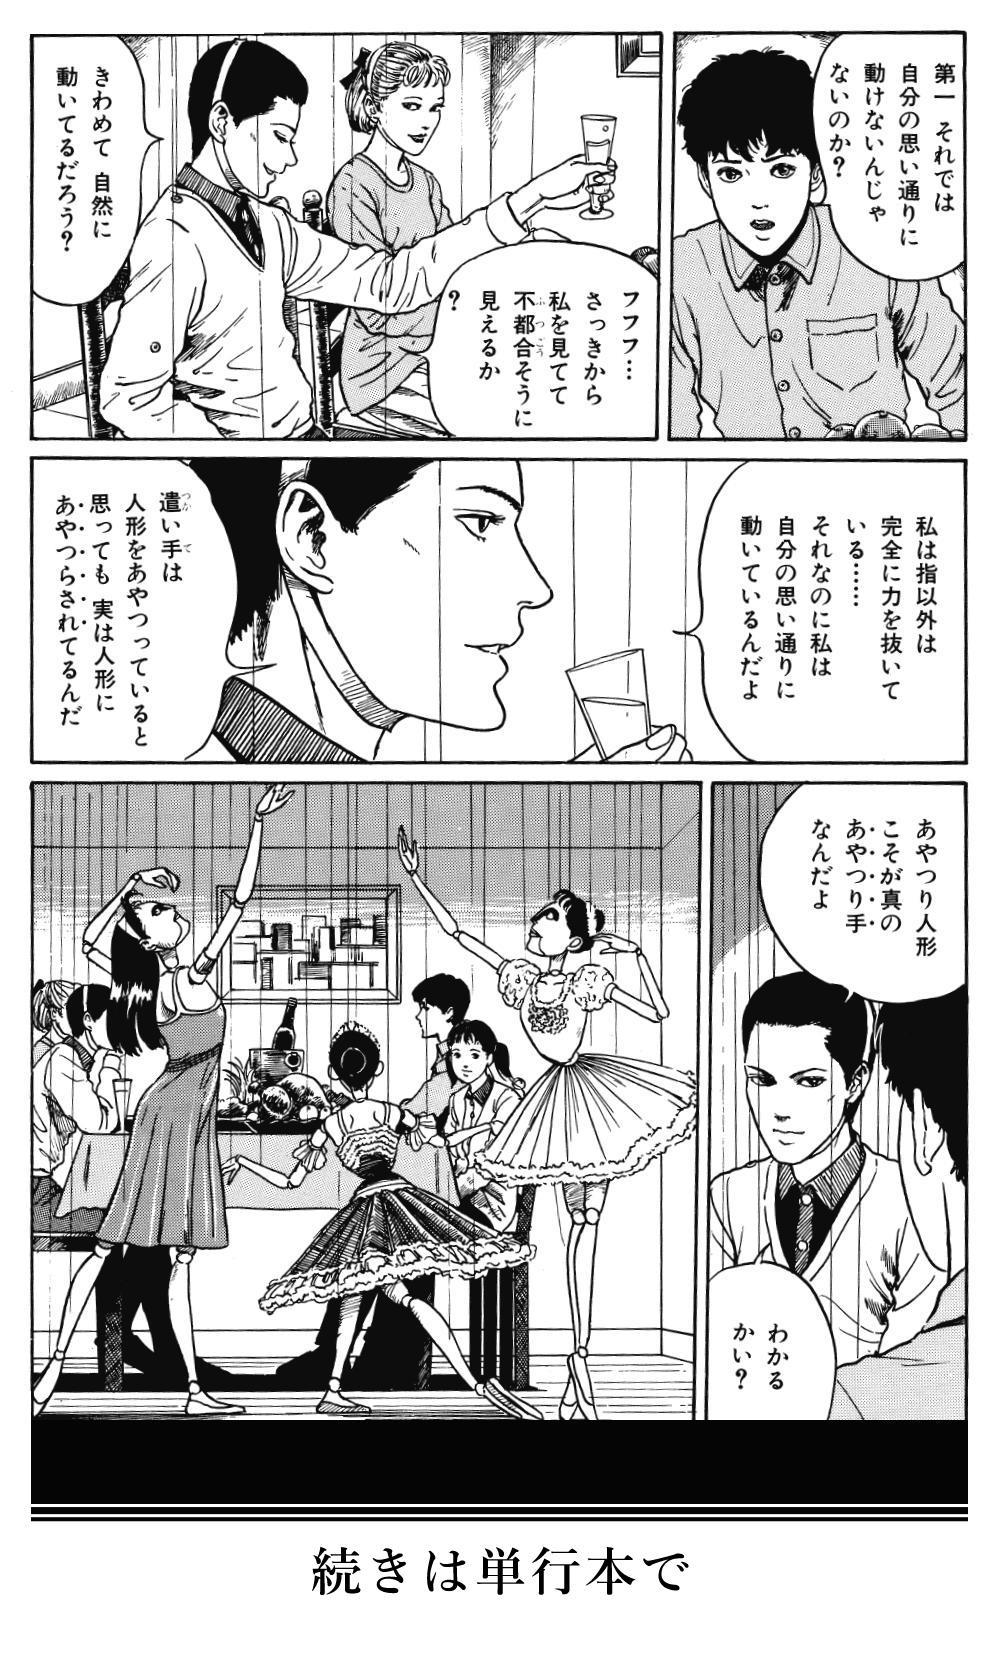 伊藤潤二自選傑作集 第5話「あやつり屋敷」②ayaturiyasiki-2-203.jpg